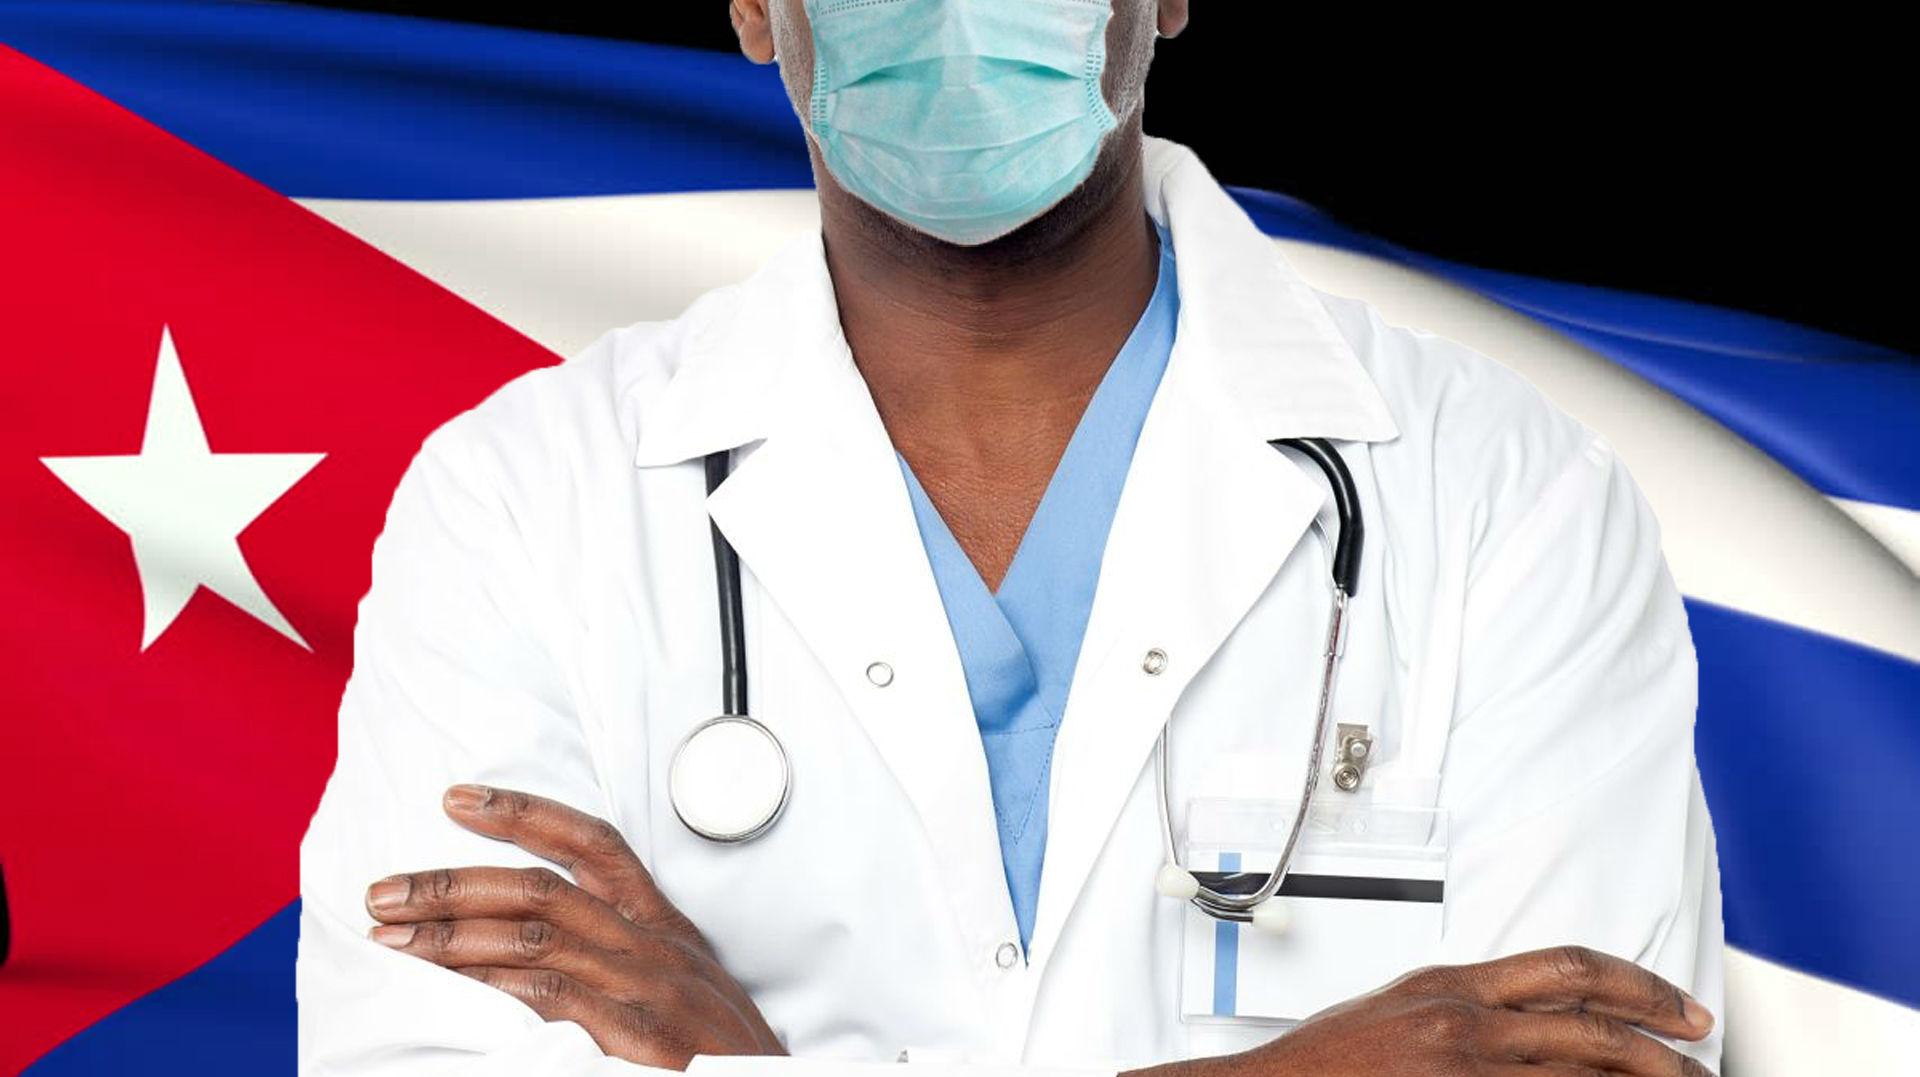 ¿Por qué los médicos cubanos están tan solicitados en la crisis del COVID-19?